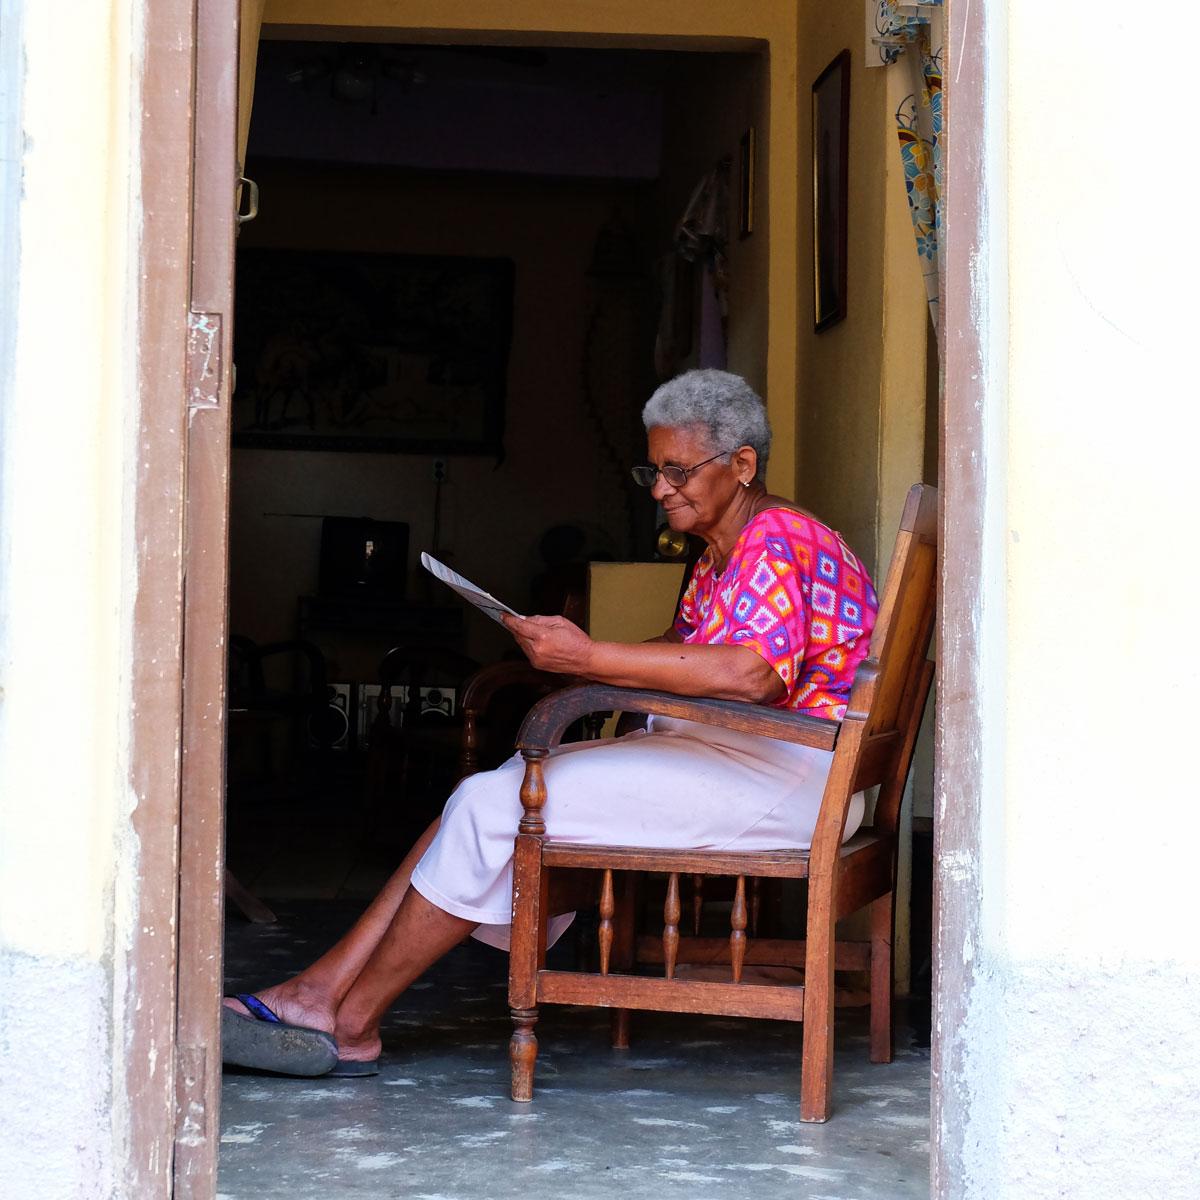 Anziana donna che legge a Cuba sull'uscio di casa.